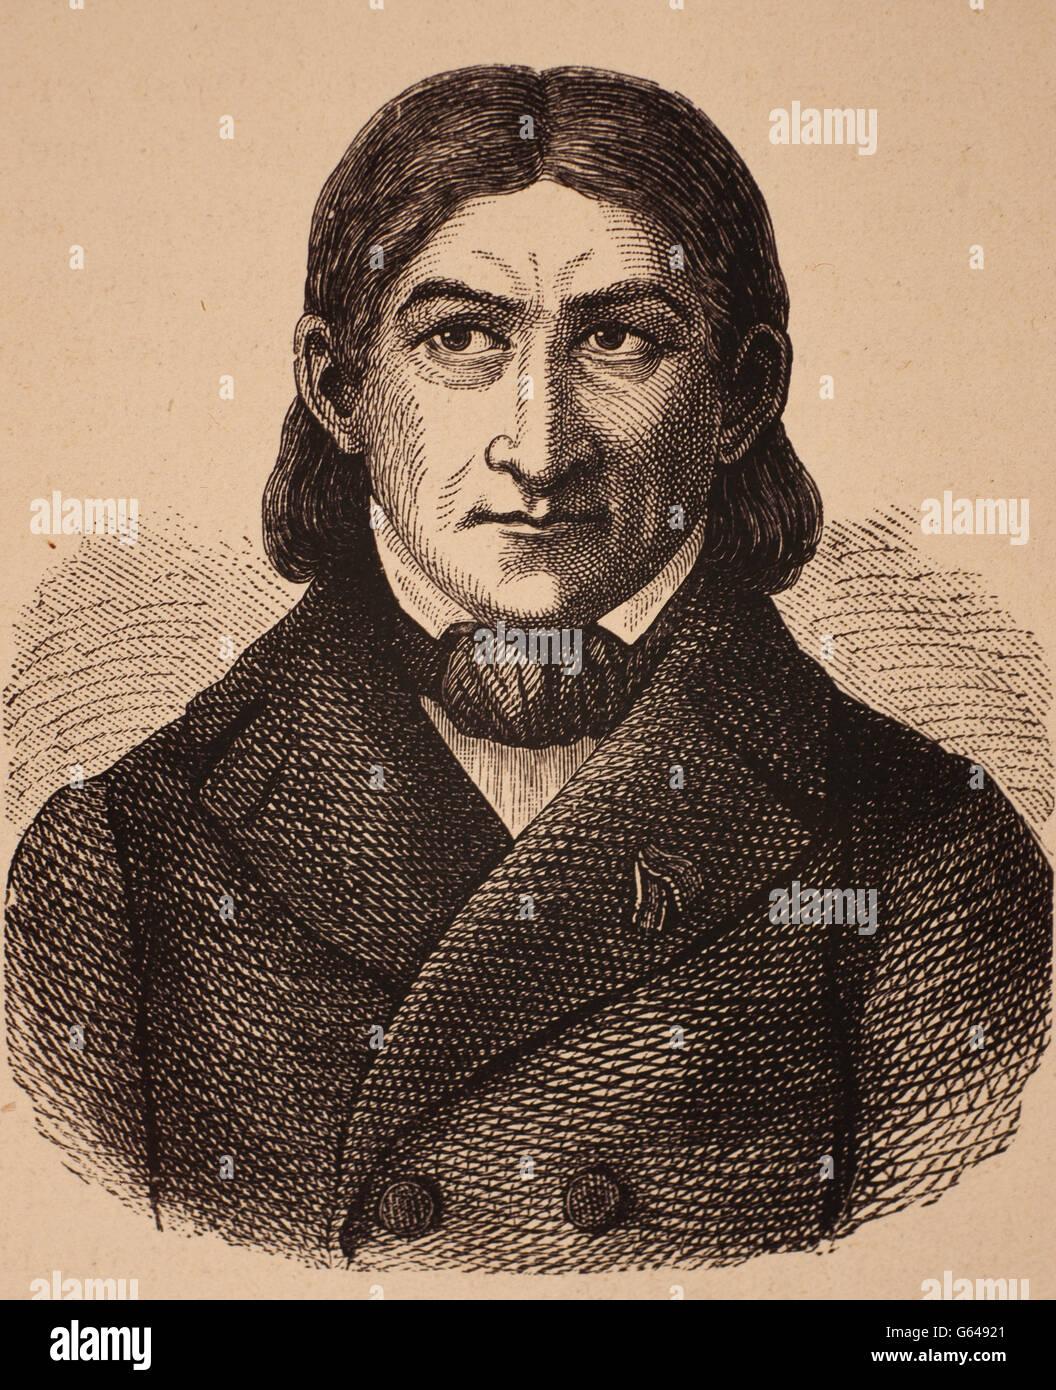 Friedrich Wilhelm August Fröbel (Oberweißbach, 21 Aprile 1782 - Marienthal, 21 giugno 1852) era un insegnante Immagini Stock